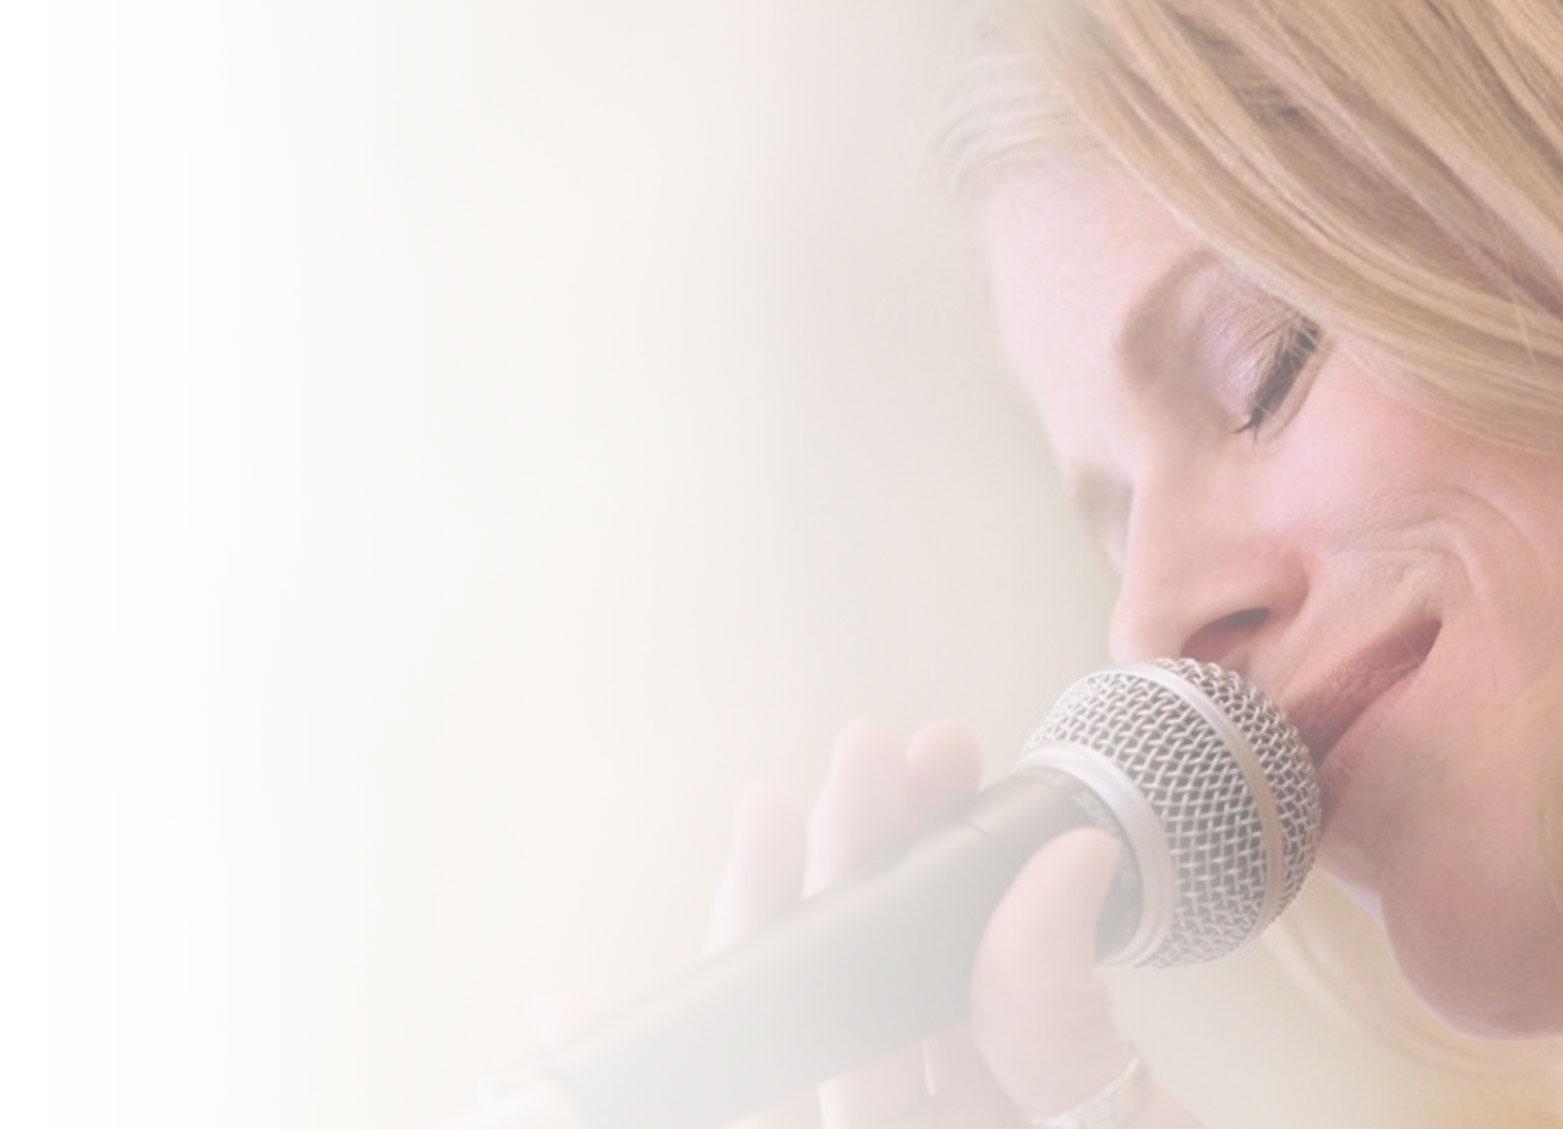 Balladen Für Trauung Taufe Trauerfeier